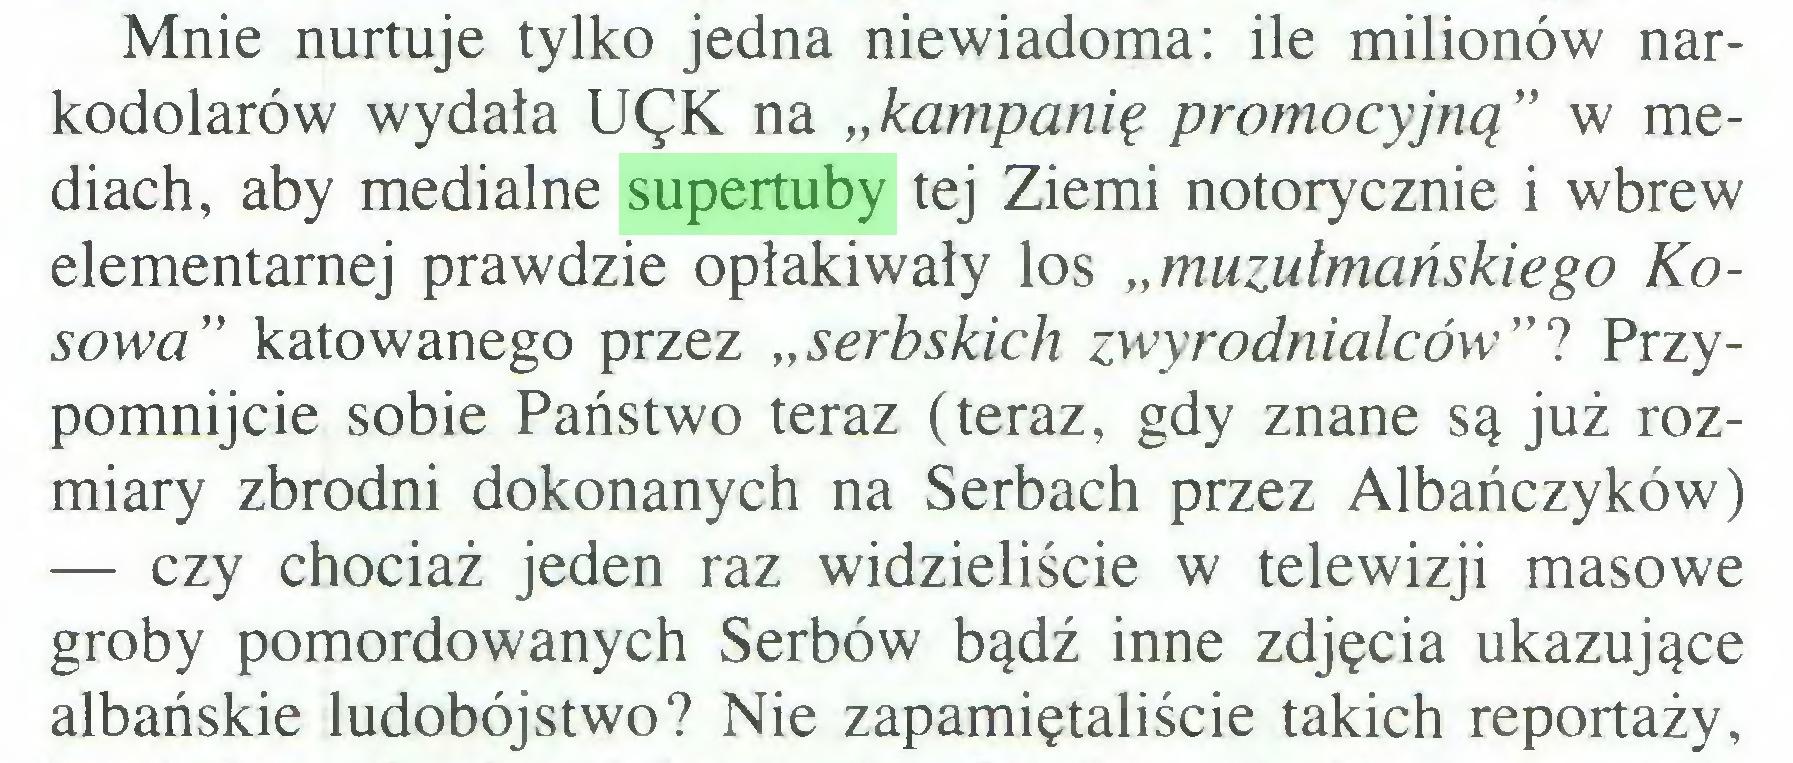 """(...) Mnie nurtuje tylko jedna niewiadoma: ile milionów narkodolarów wydała UęK na """"kampanię promocyjną"""" w mediach, aby medialne supertuby tej Ziemi notorycznie i wbrew elementarnej prawdzie opłakiwały los """"muzułmańskiego Kosowa"""" katowanego przez """"serbskich zwyrodnialców""""? Przypomnijcie sobie Państwo teraz (teraz, gdy znane są już rozmiary zbrodni dokonanych na Serbach przez Albańczyków) — czy chociaż jeden raz widzieliście w telewizji masowe groby pomordowanych Serbów bądź inne zdjęcia ukazujące albańskie ludobójstwo? Nie zapamiętaliście takich reportaży,..."""